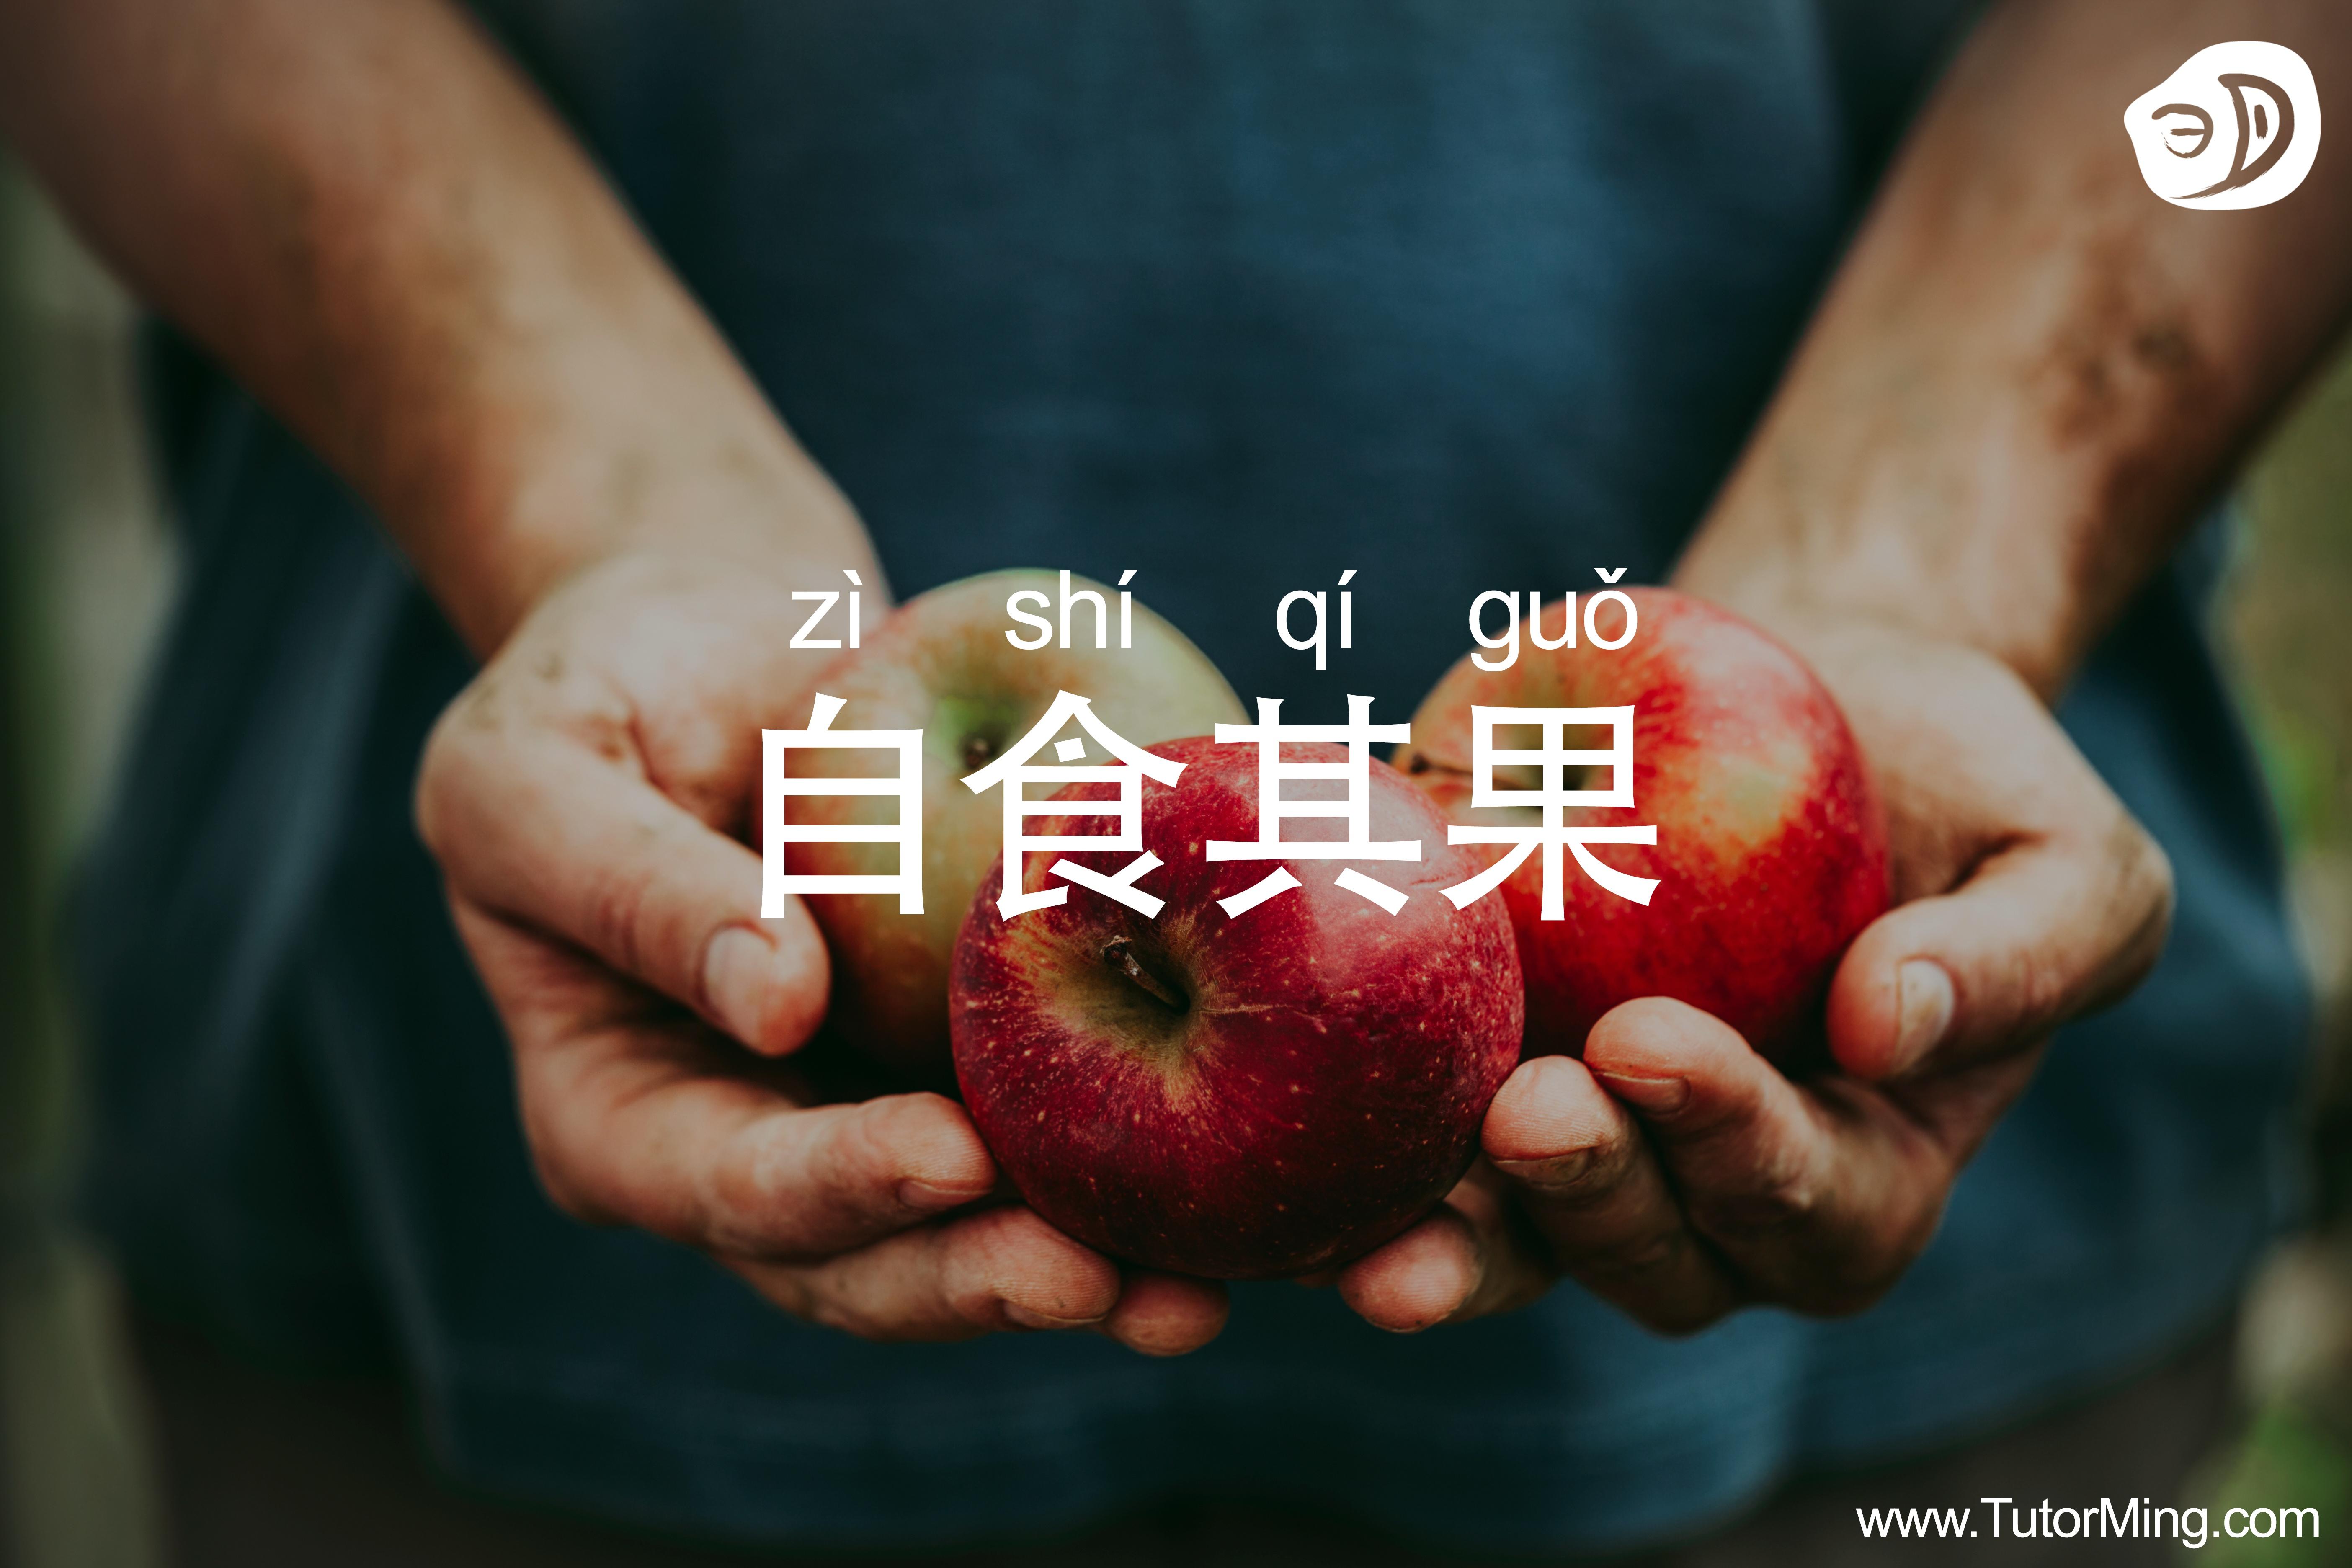 zi_shi_qi_guo.jpg